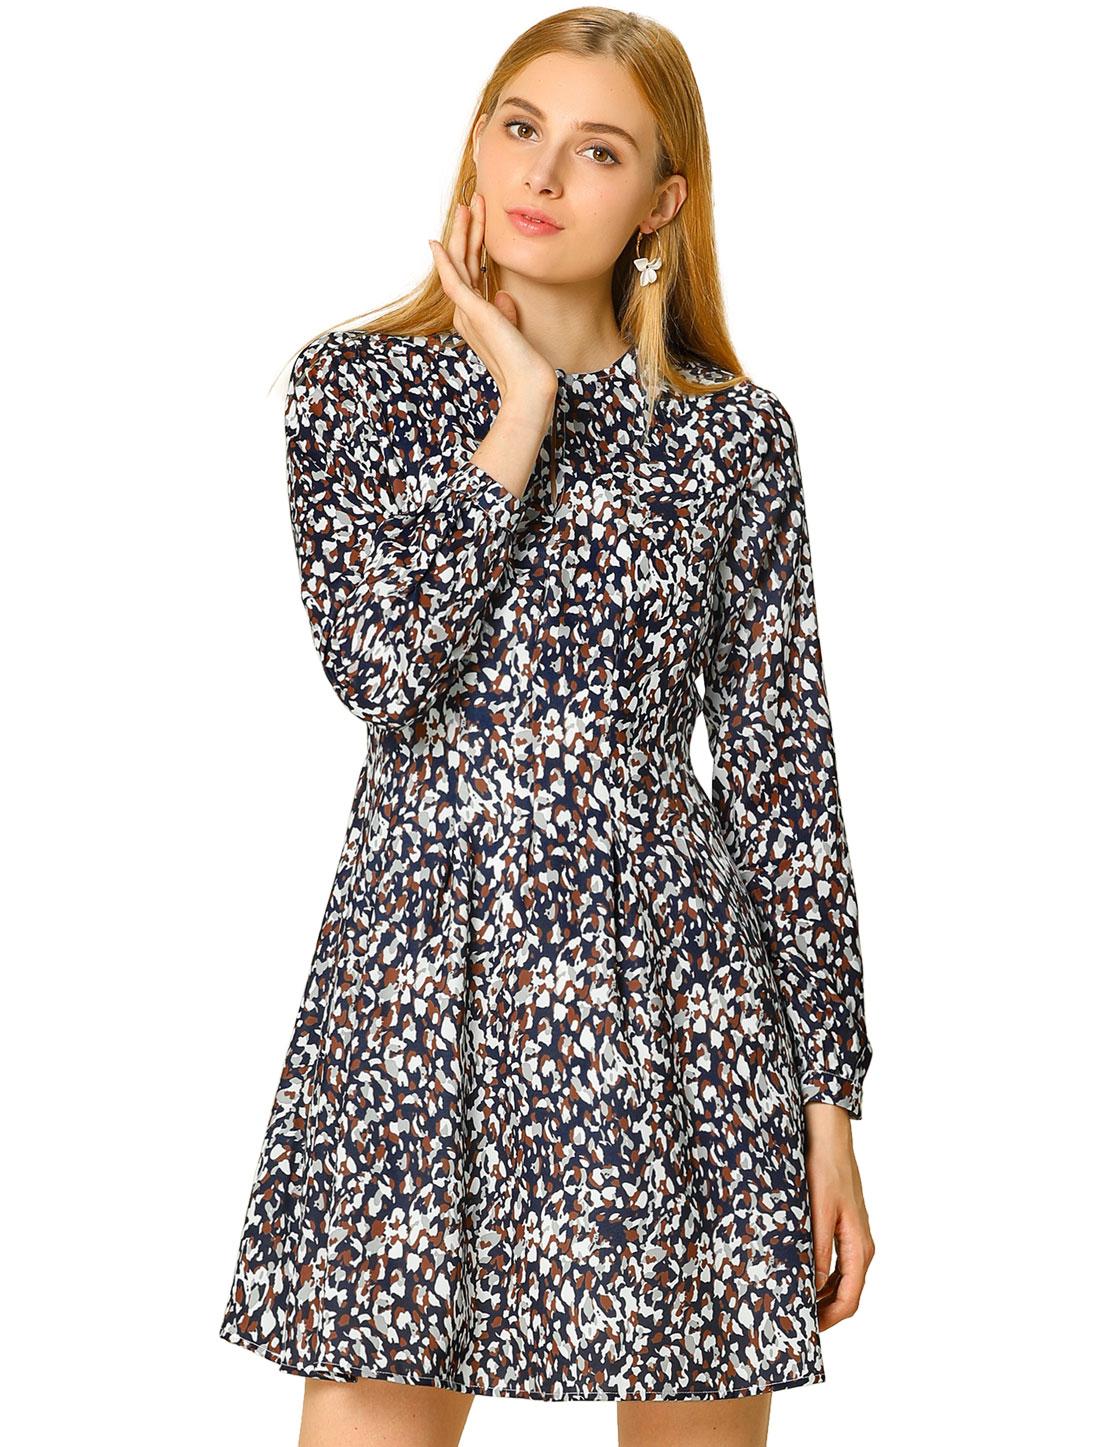 Allegra K Women's A-line Pleated Flared Leopard Dress Navy Blue S (US 6)